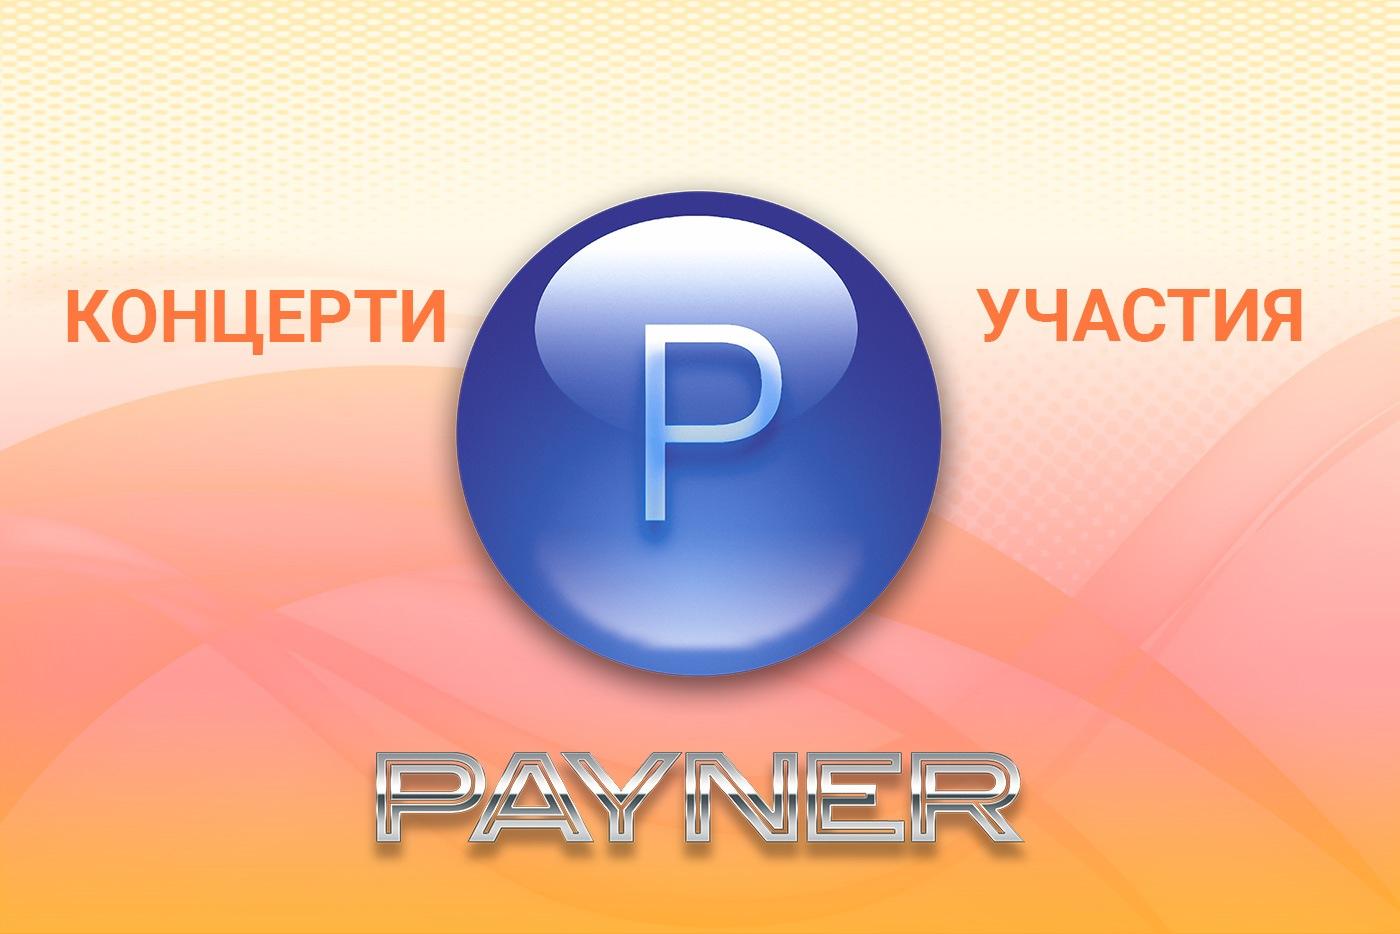 """Участия на звездите на """"Пайнер"""" на 07.02.2020"""